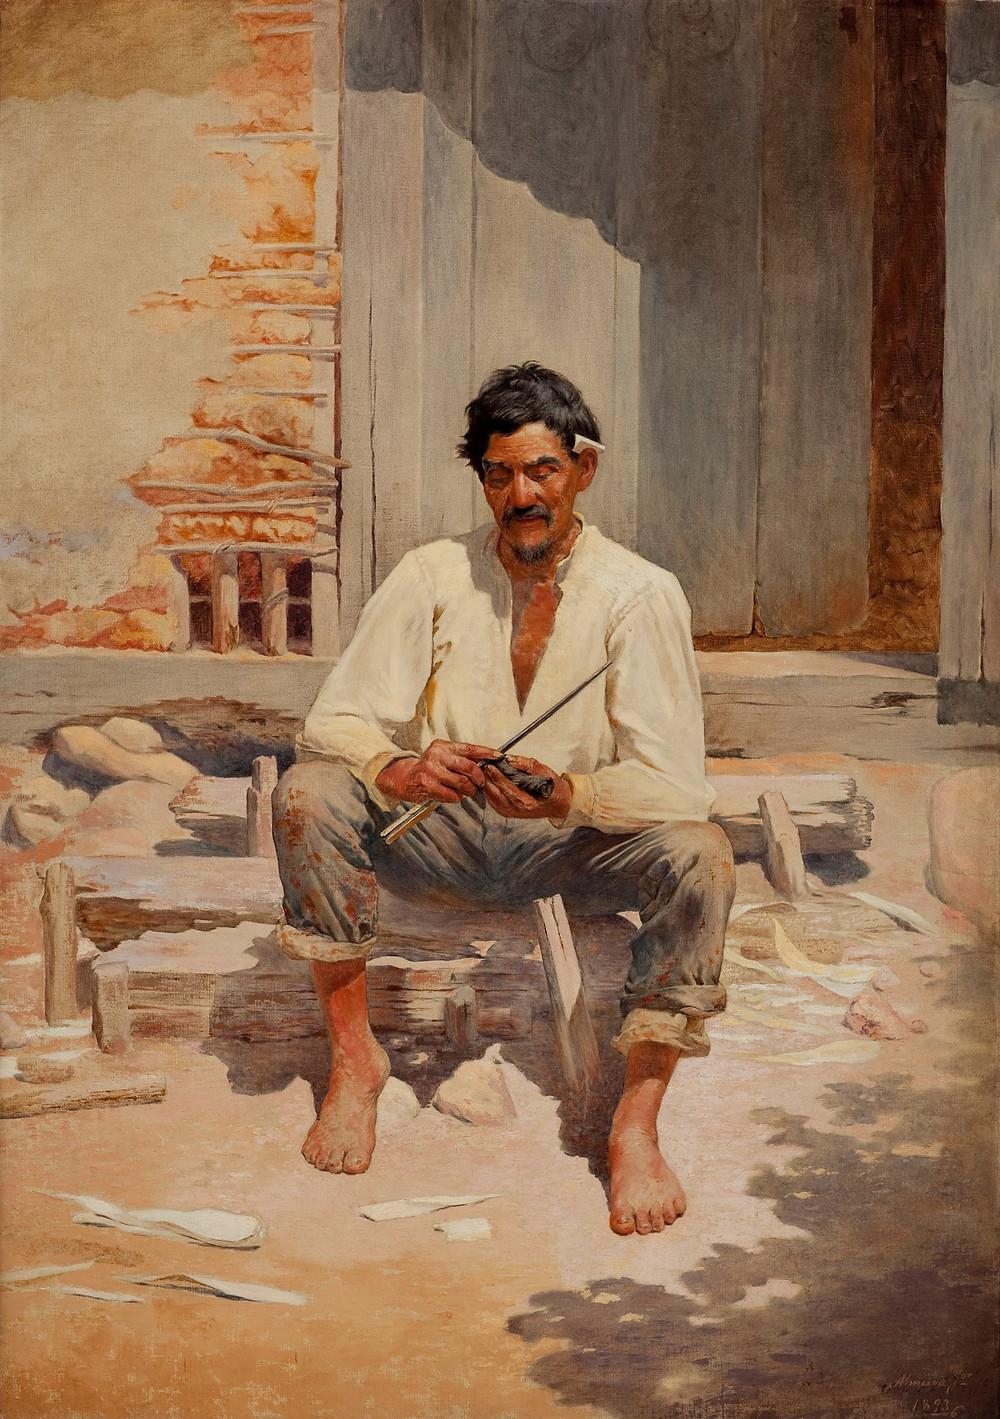 Caipira picando fumo, 1893 | Almeida Júnior (1850-1899)